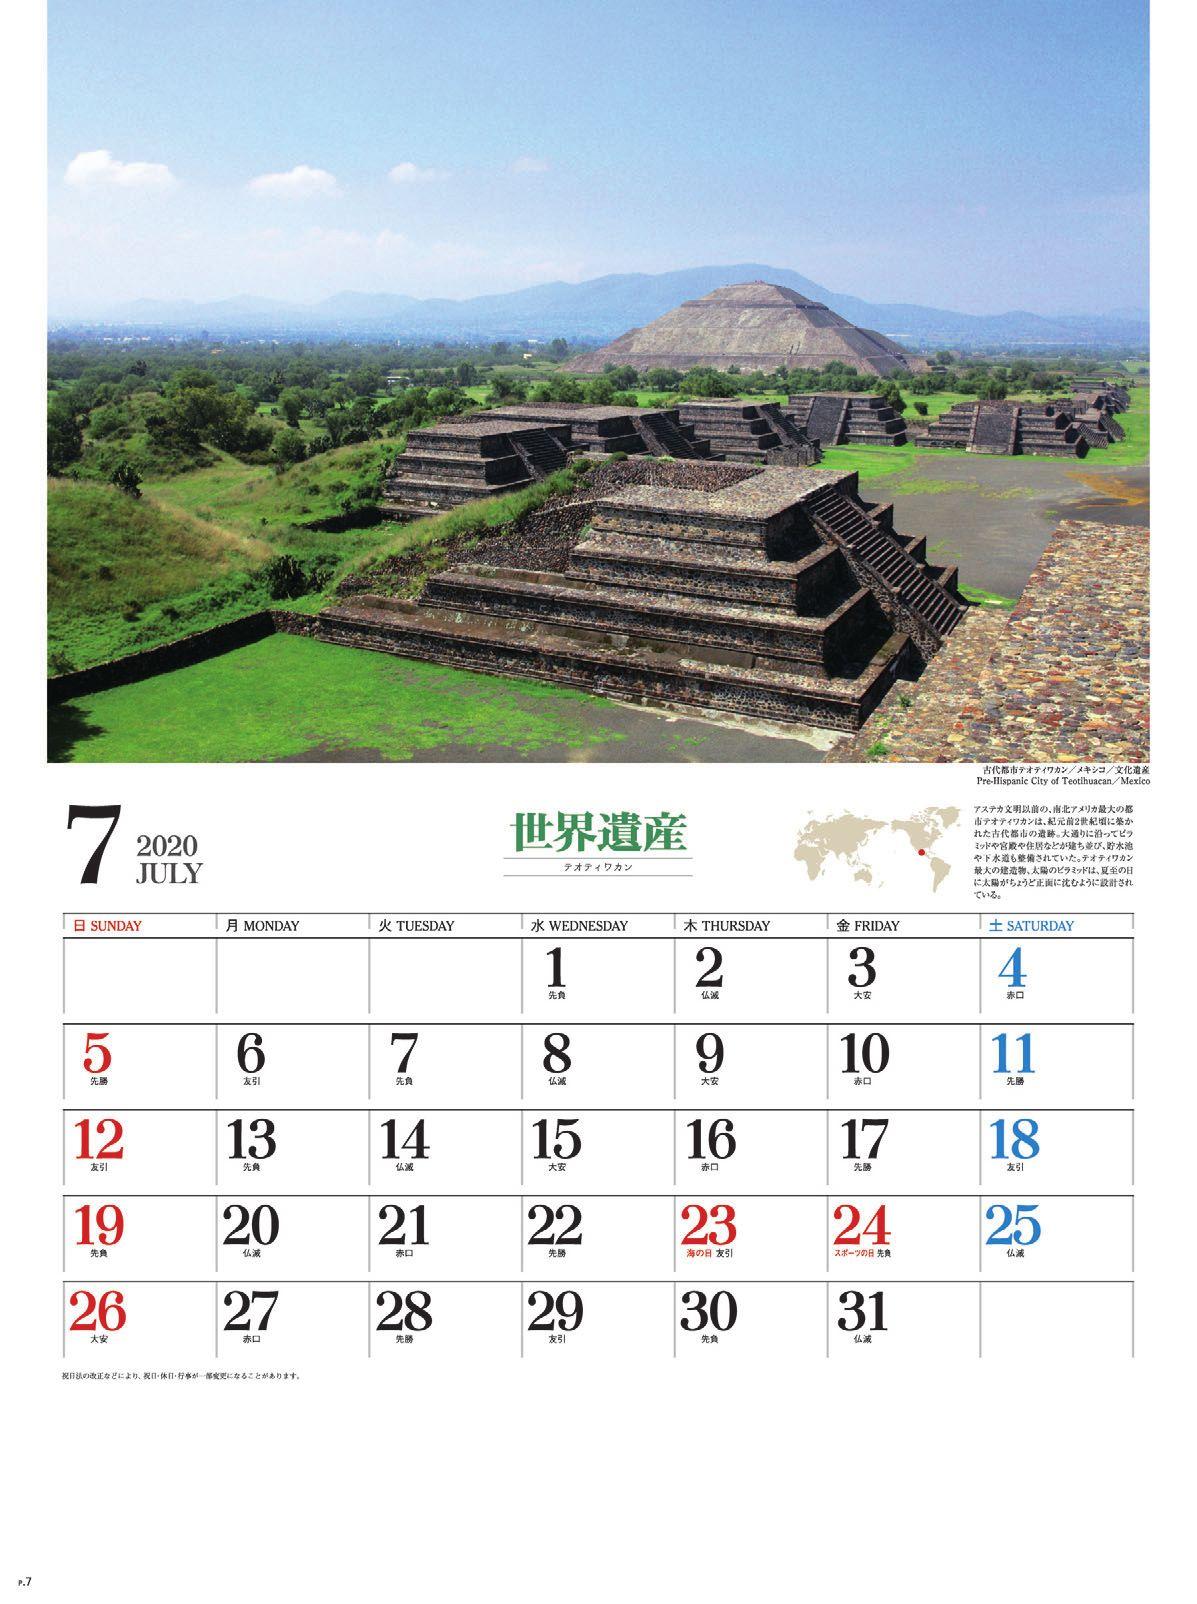 画像:テオティワカン(メキシコ) ユネスコ世界遺産 2020年カレンダー